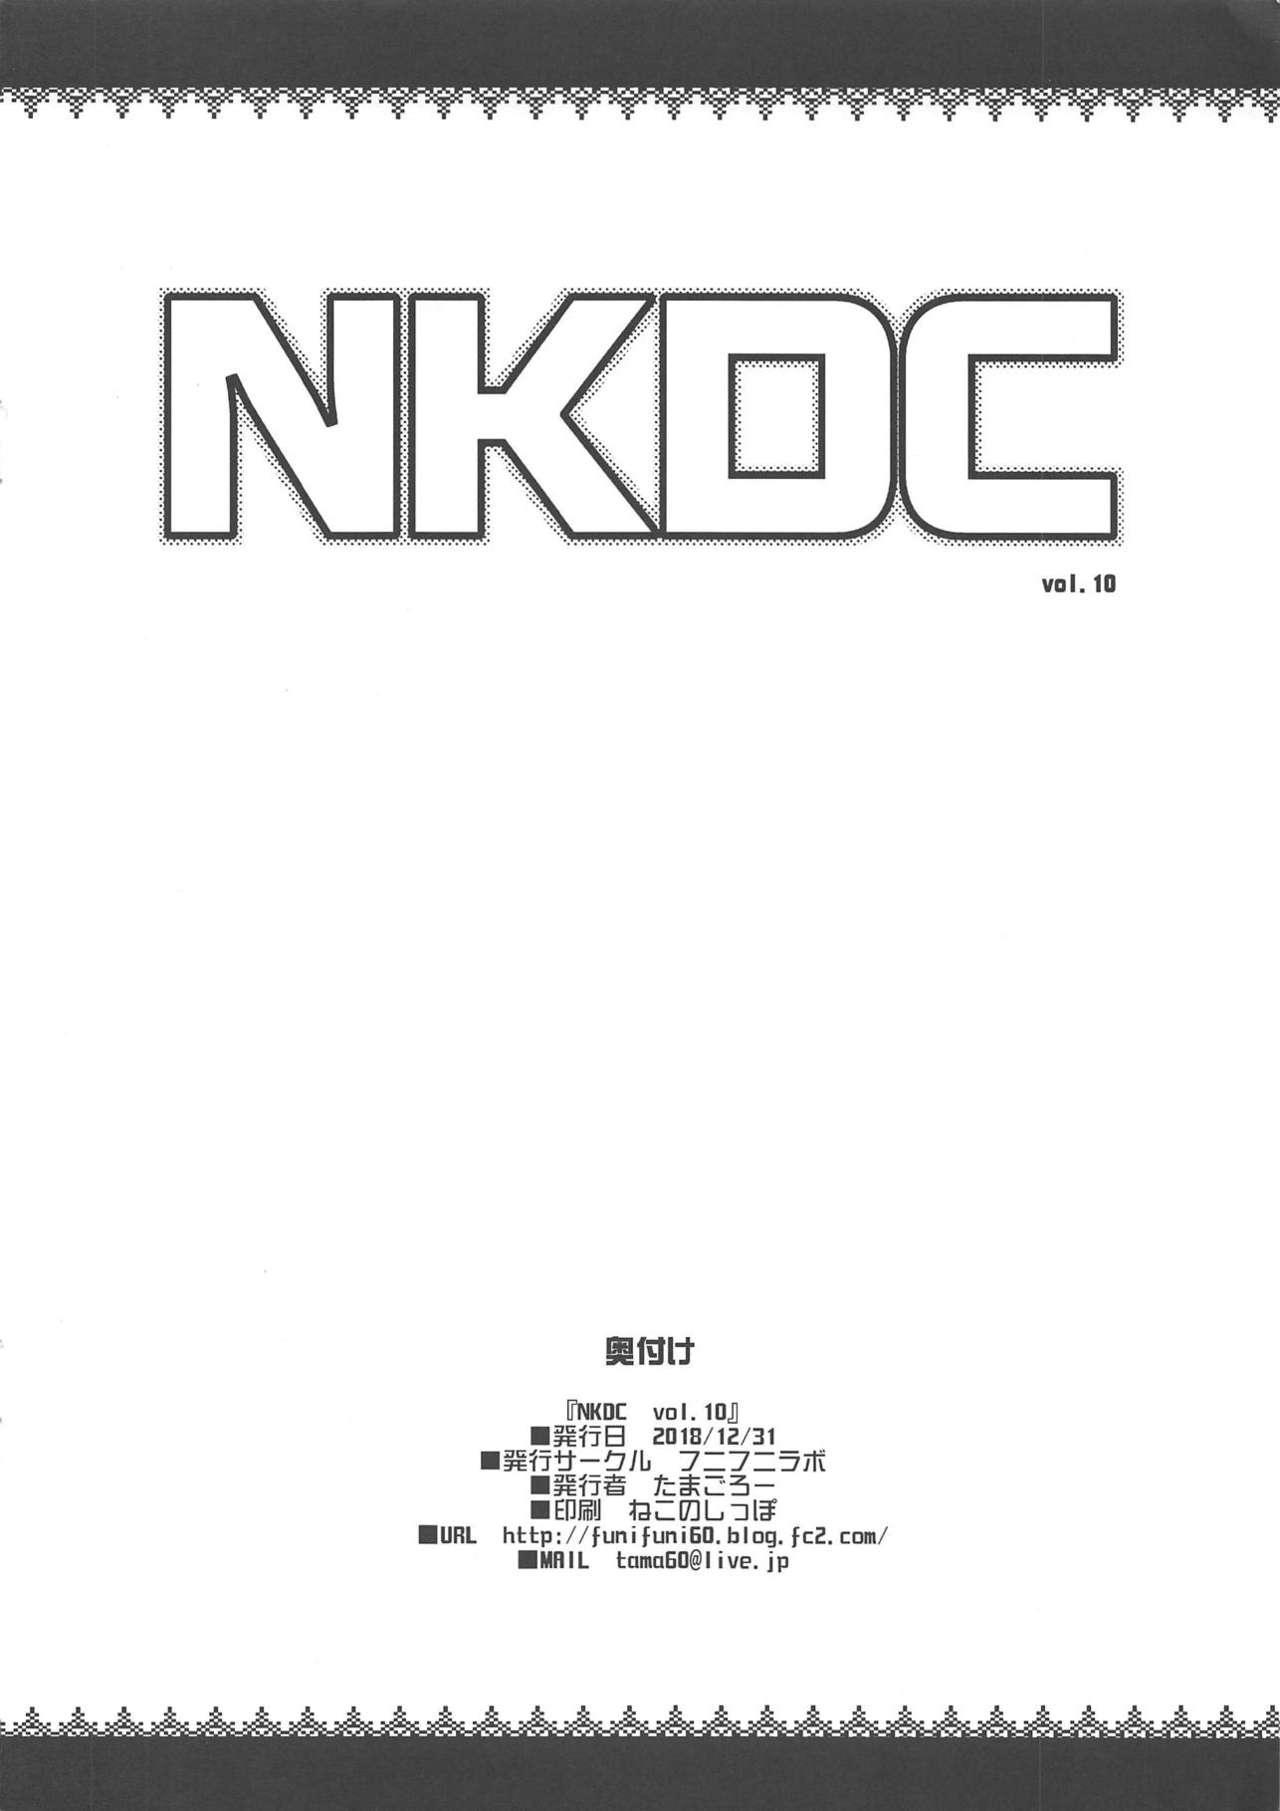 NKDC Vol. 10 7